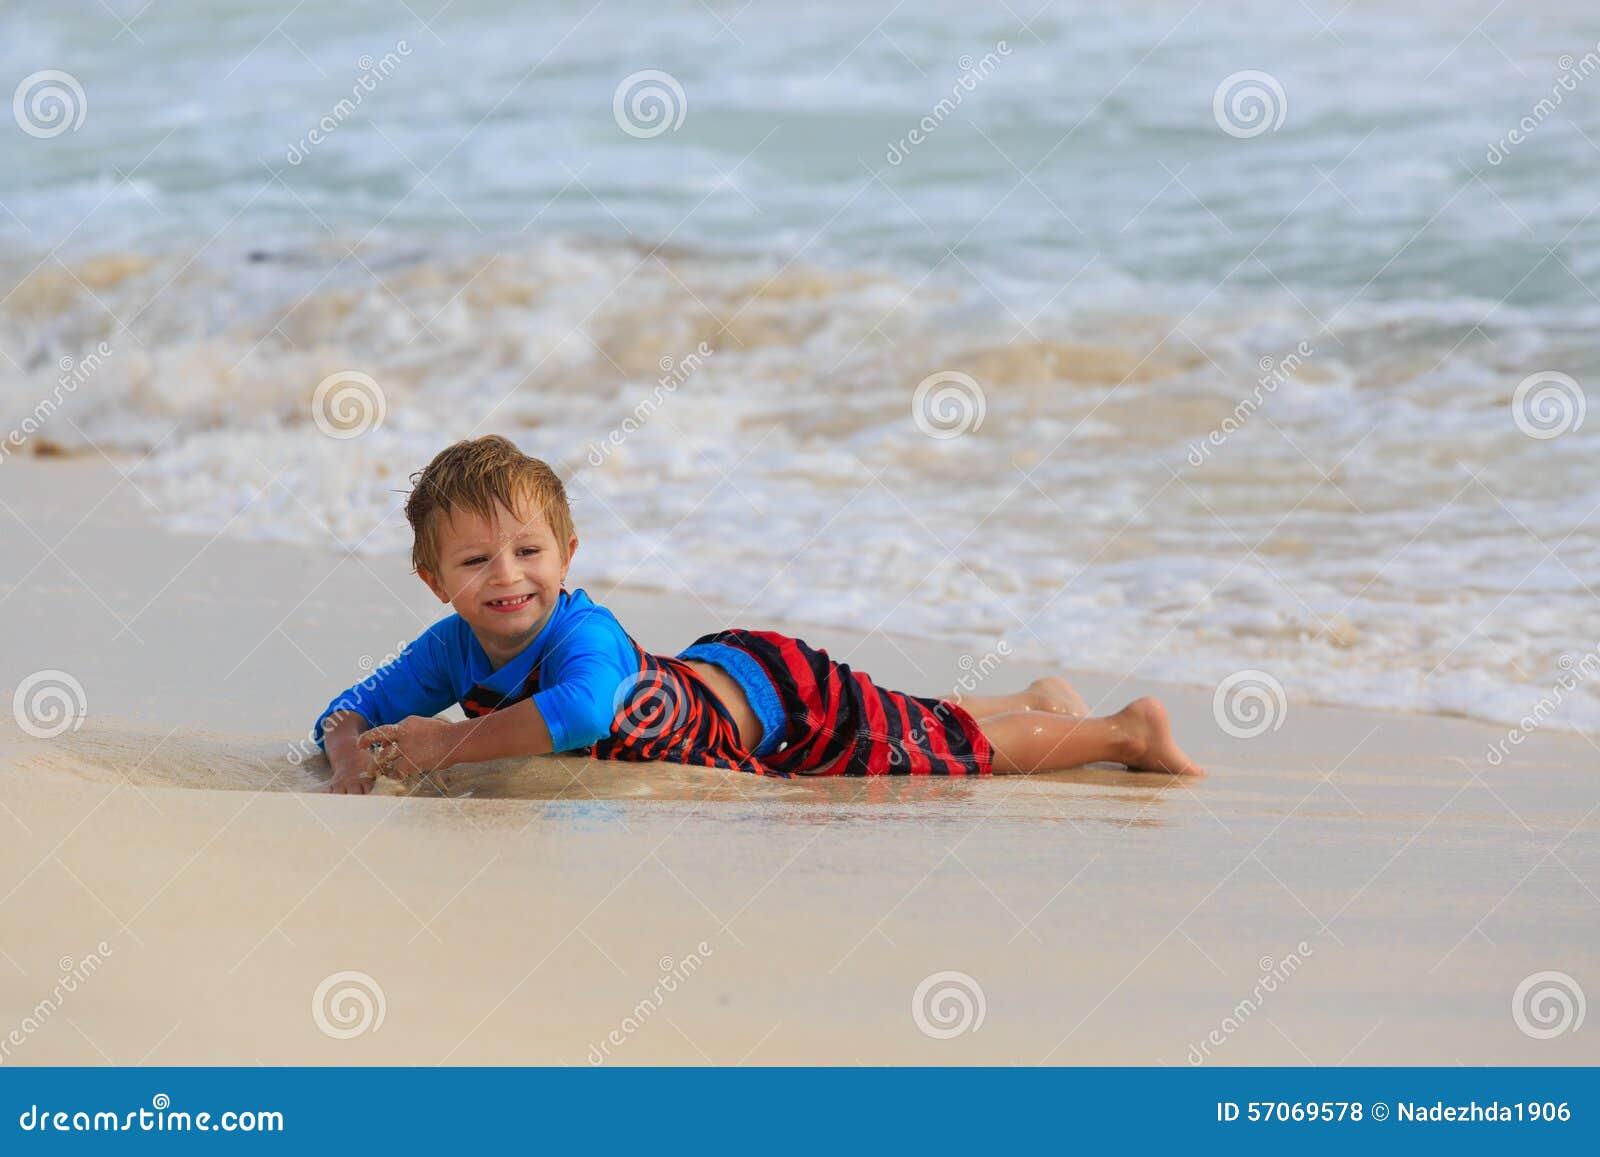 Weinig jongen die met golven op zandstrand spelen